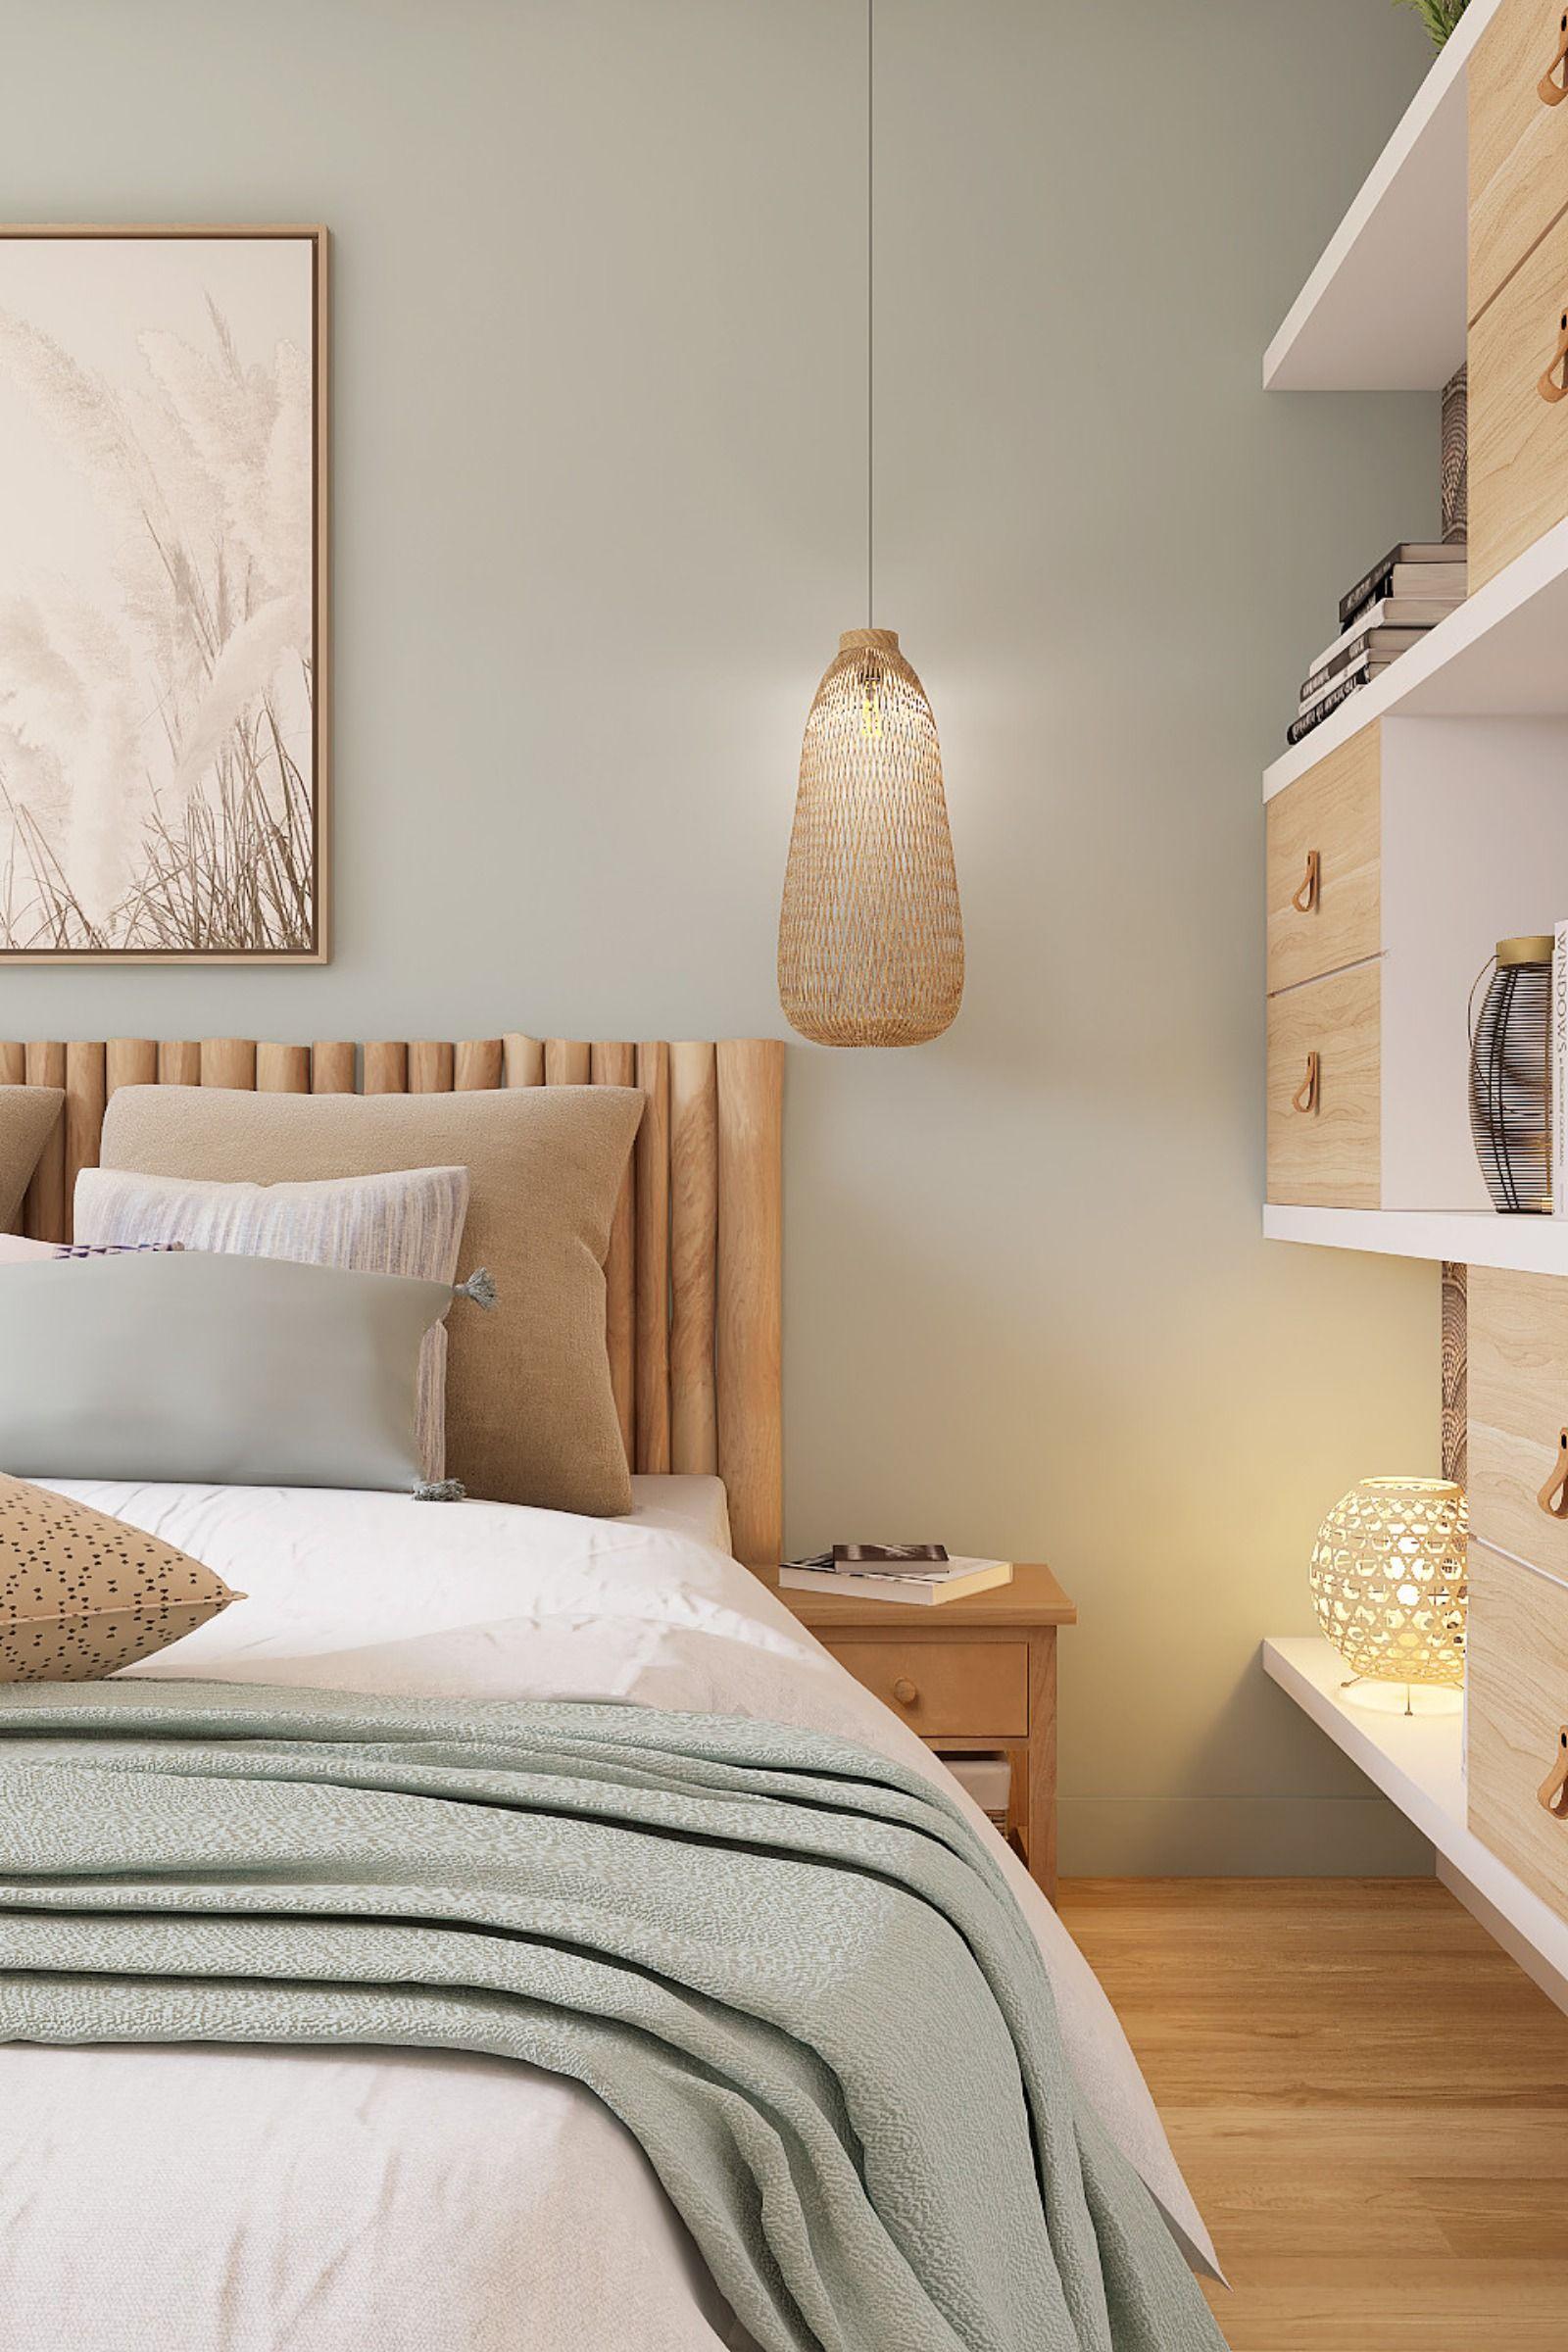 Chambre style bord de mer  Décoration chambre parentale, Deco